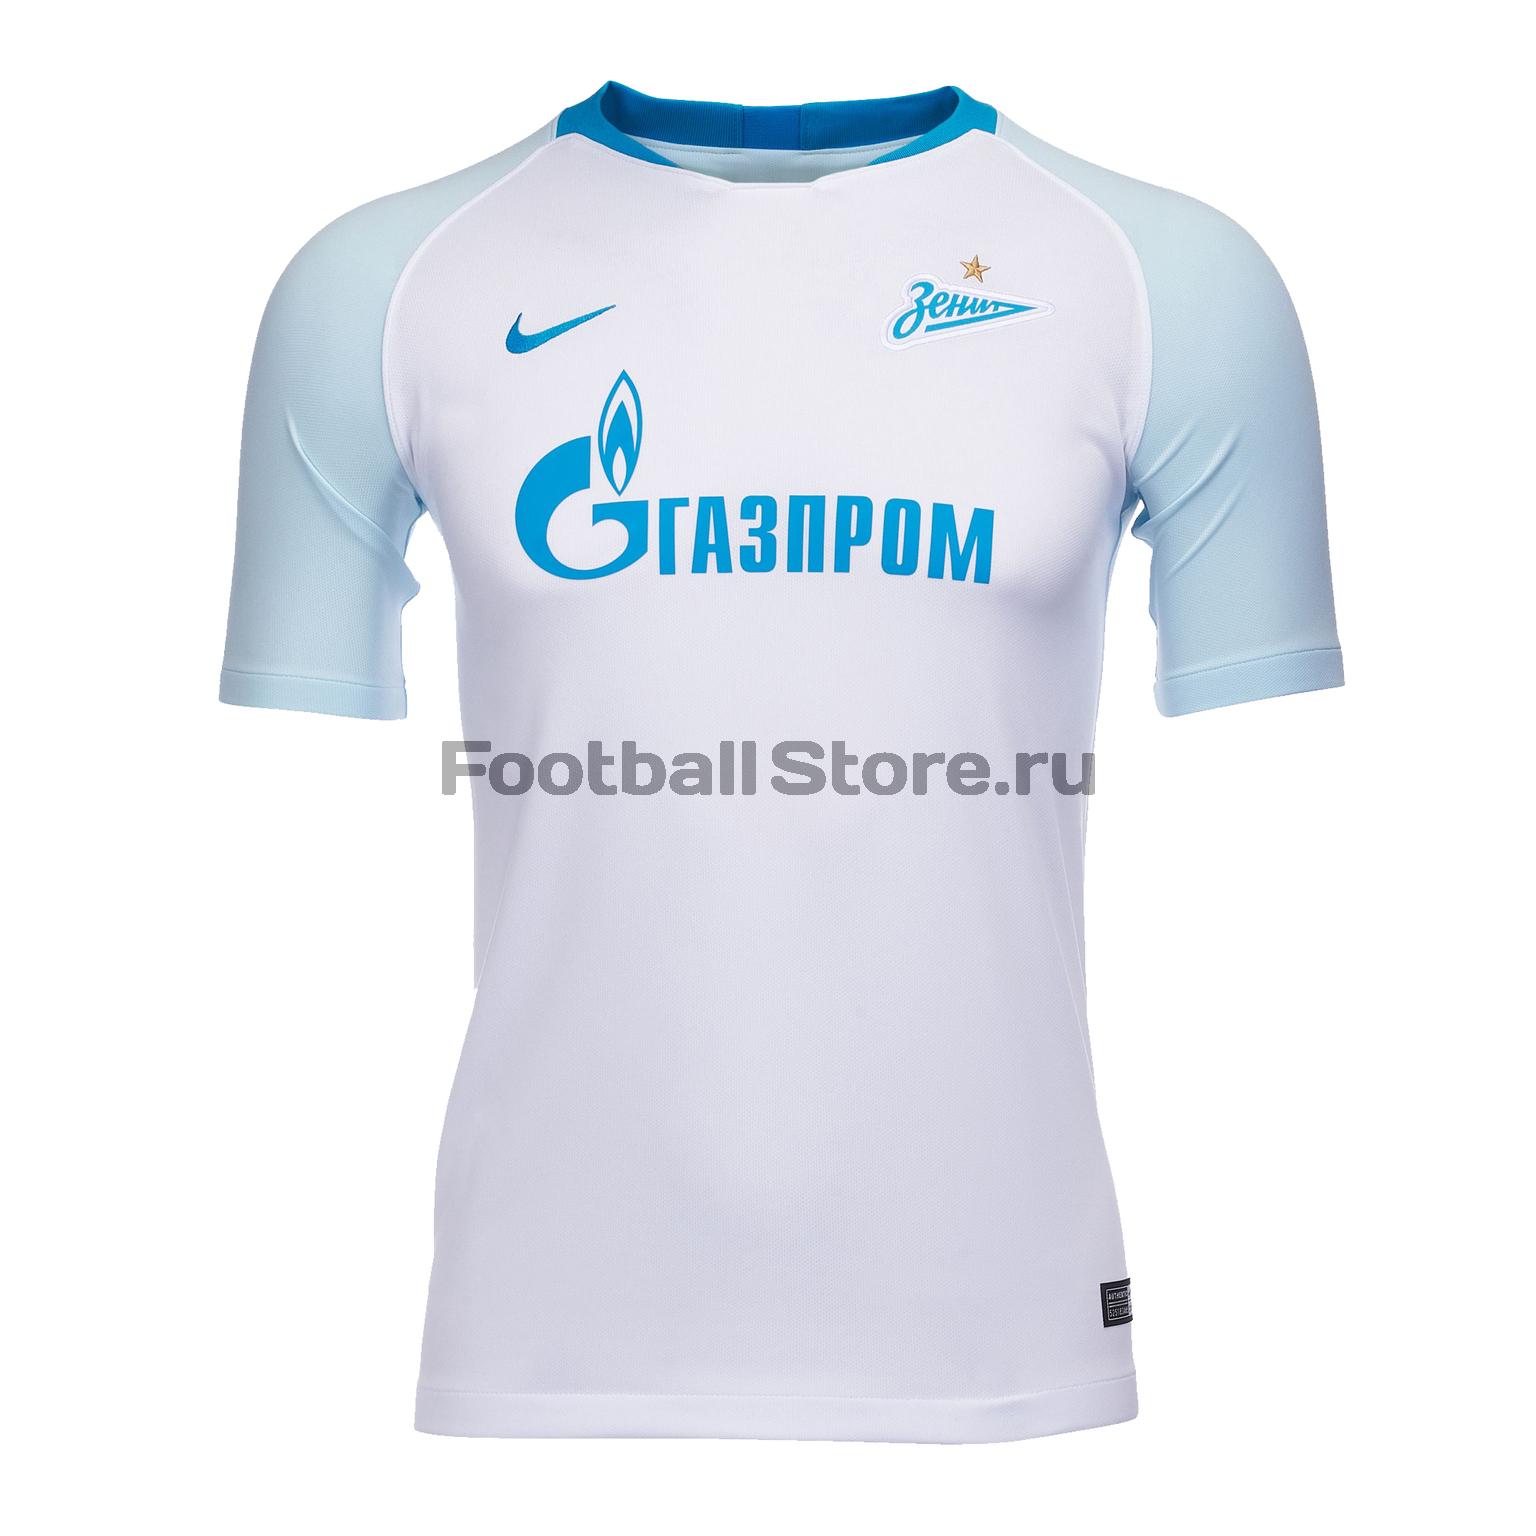 """Подростковая выездная футболка Nike ФК """"Зенит"""" 2018/2019"""